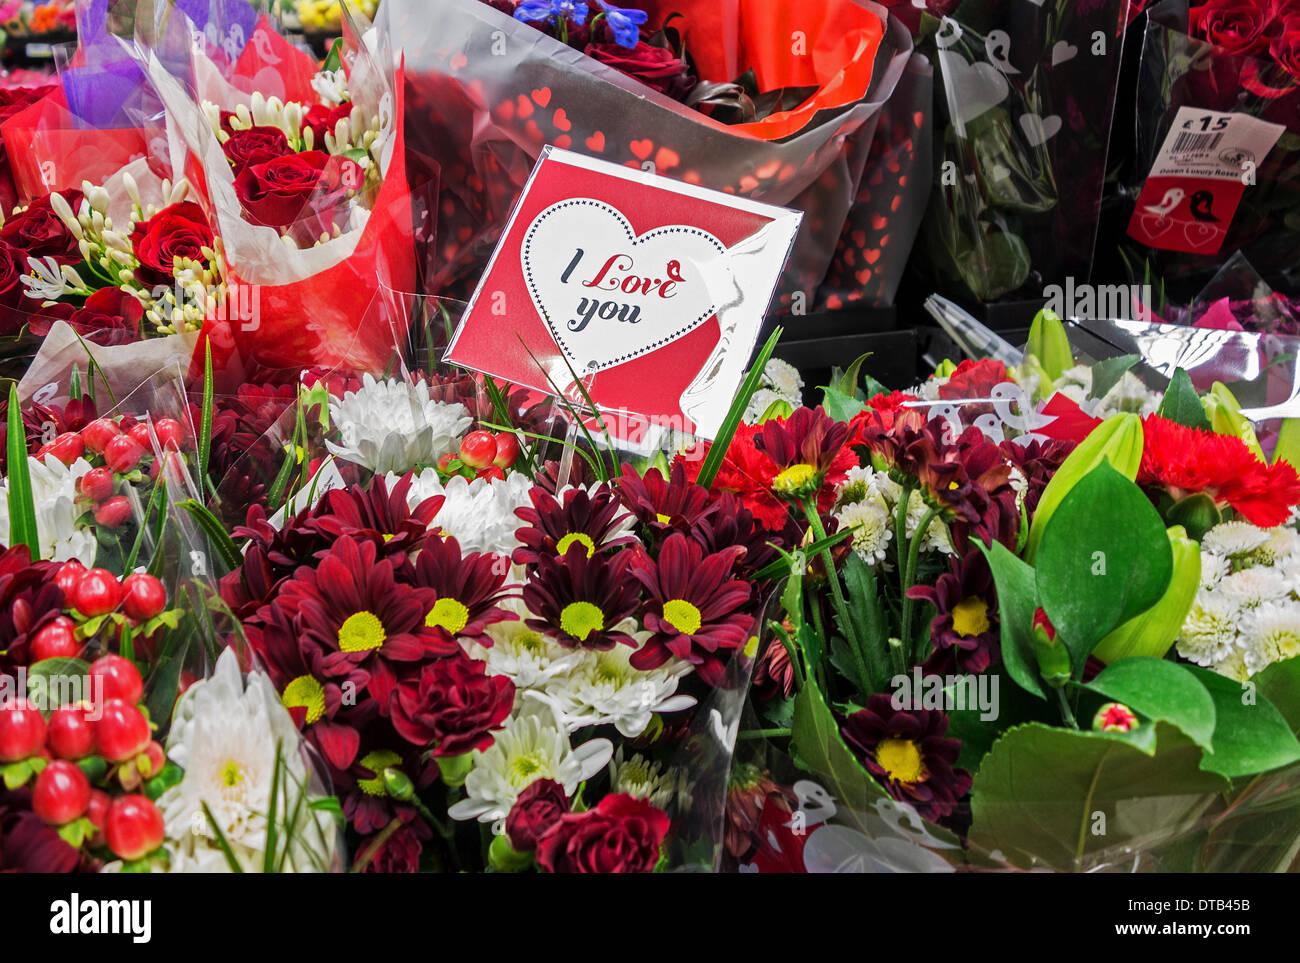 L'augmentation de prix habituelles pour la Saint Valentin fleurs ne diminue pas la popularité d'entre eux pour un cadeau le Jour de Valentines. Photo Stock